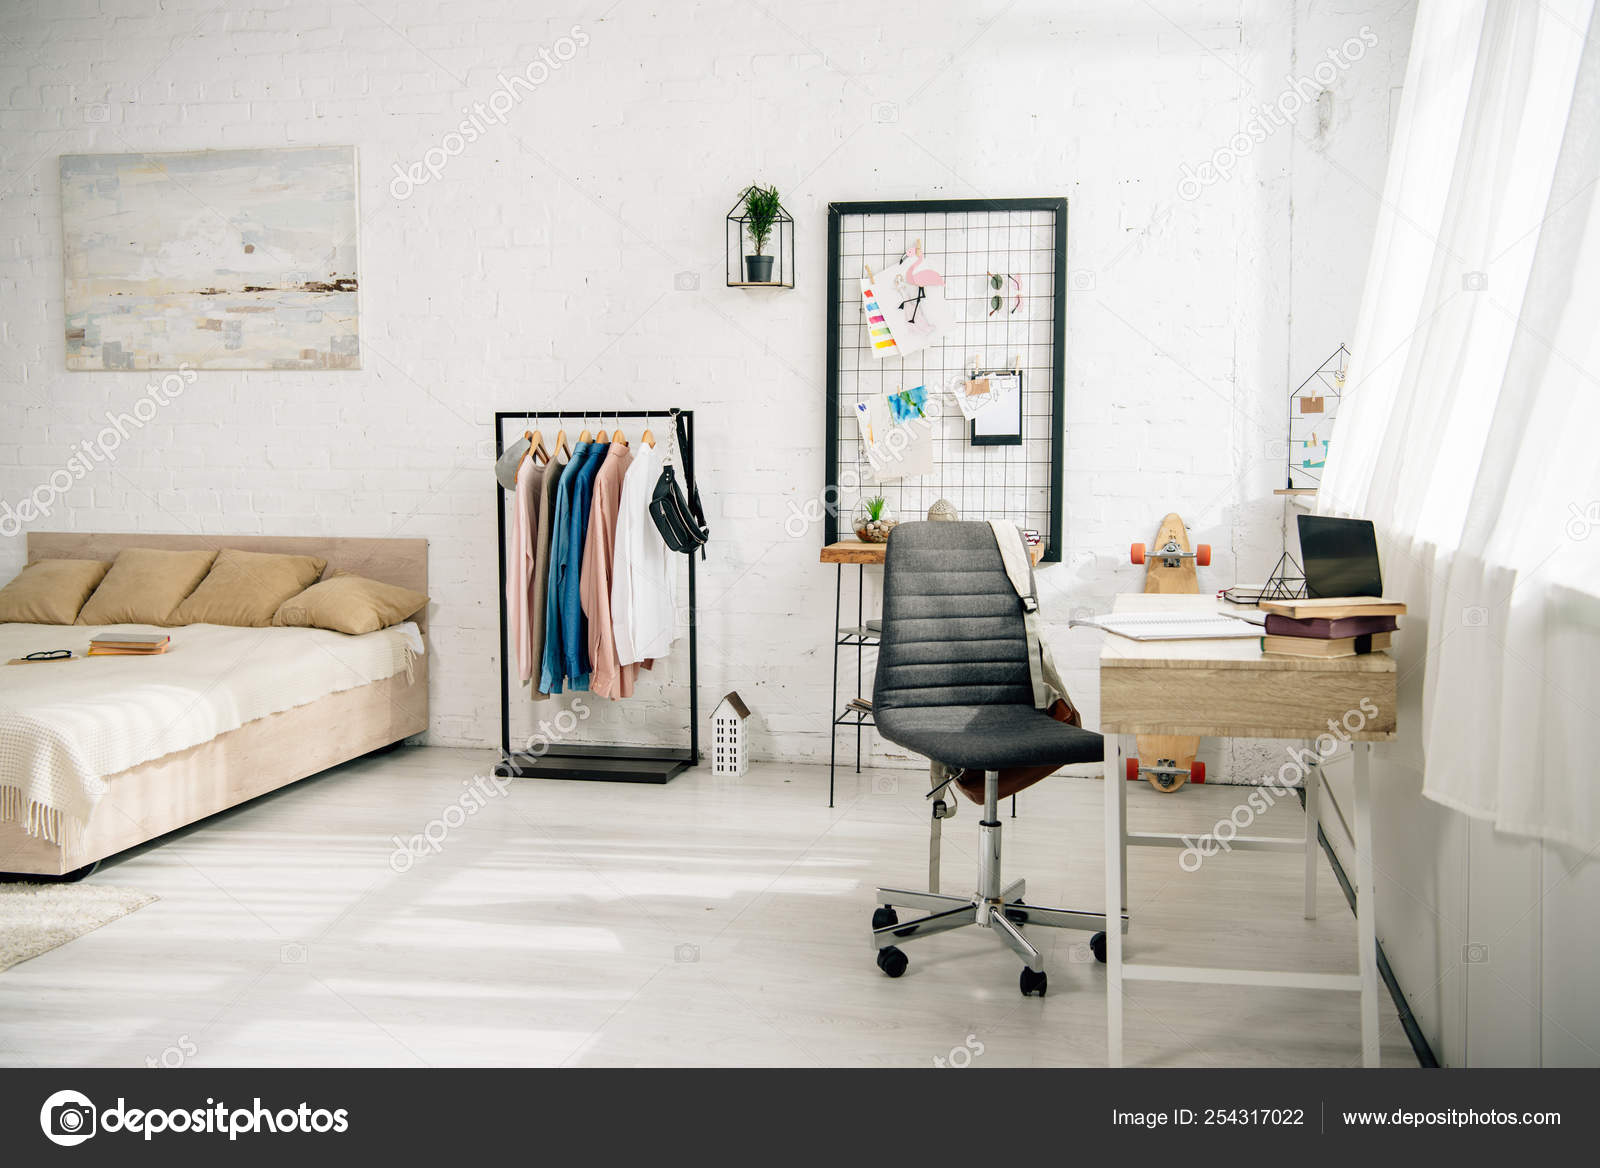 Gemütliches Schlafzimmer Mit Großem Bett Und Arbeitsplatz ...